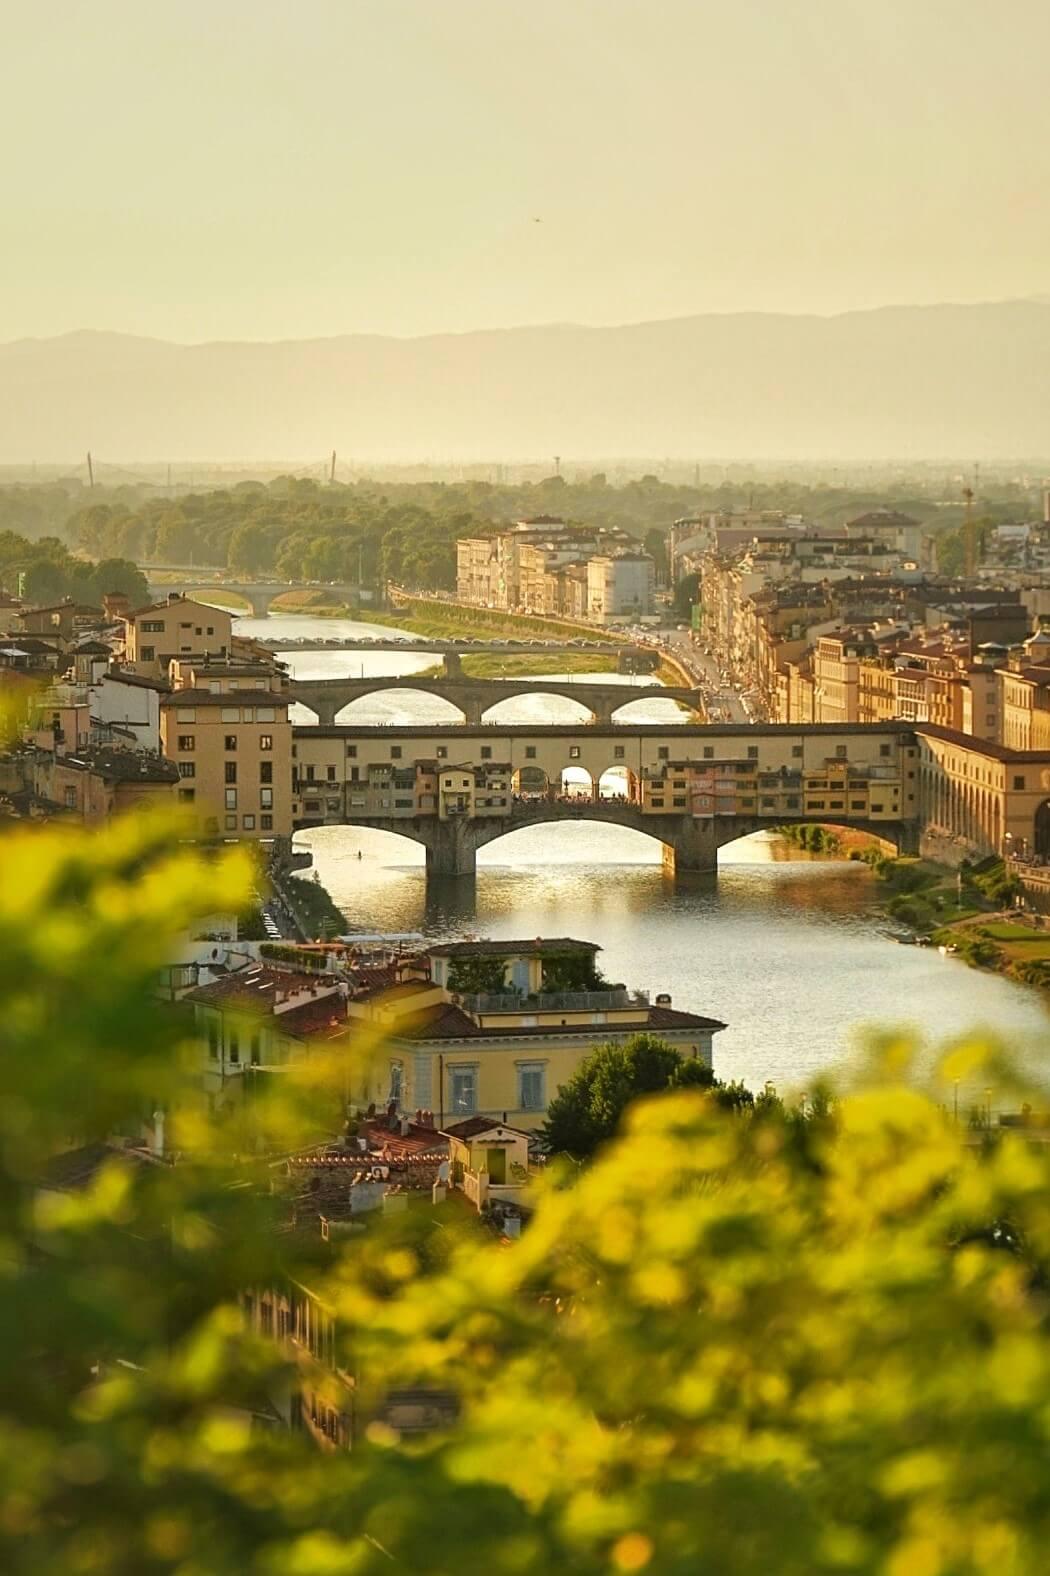 Brücke in Florenz bei Sonnenuntergang im Sommer